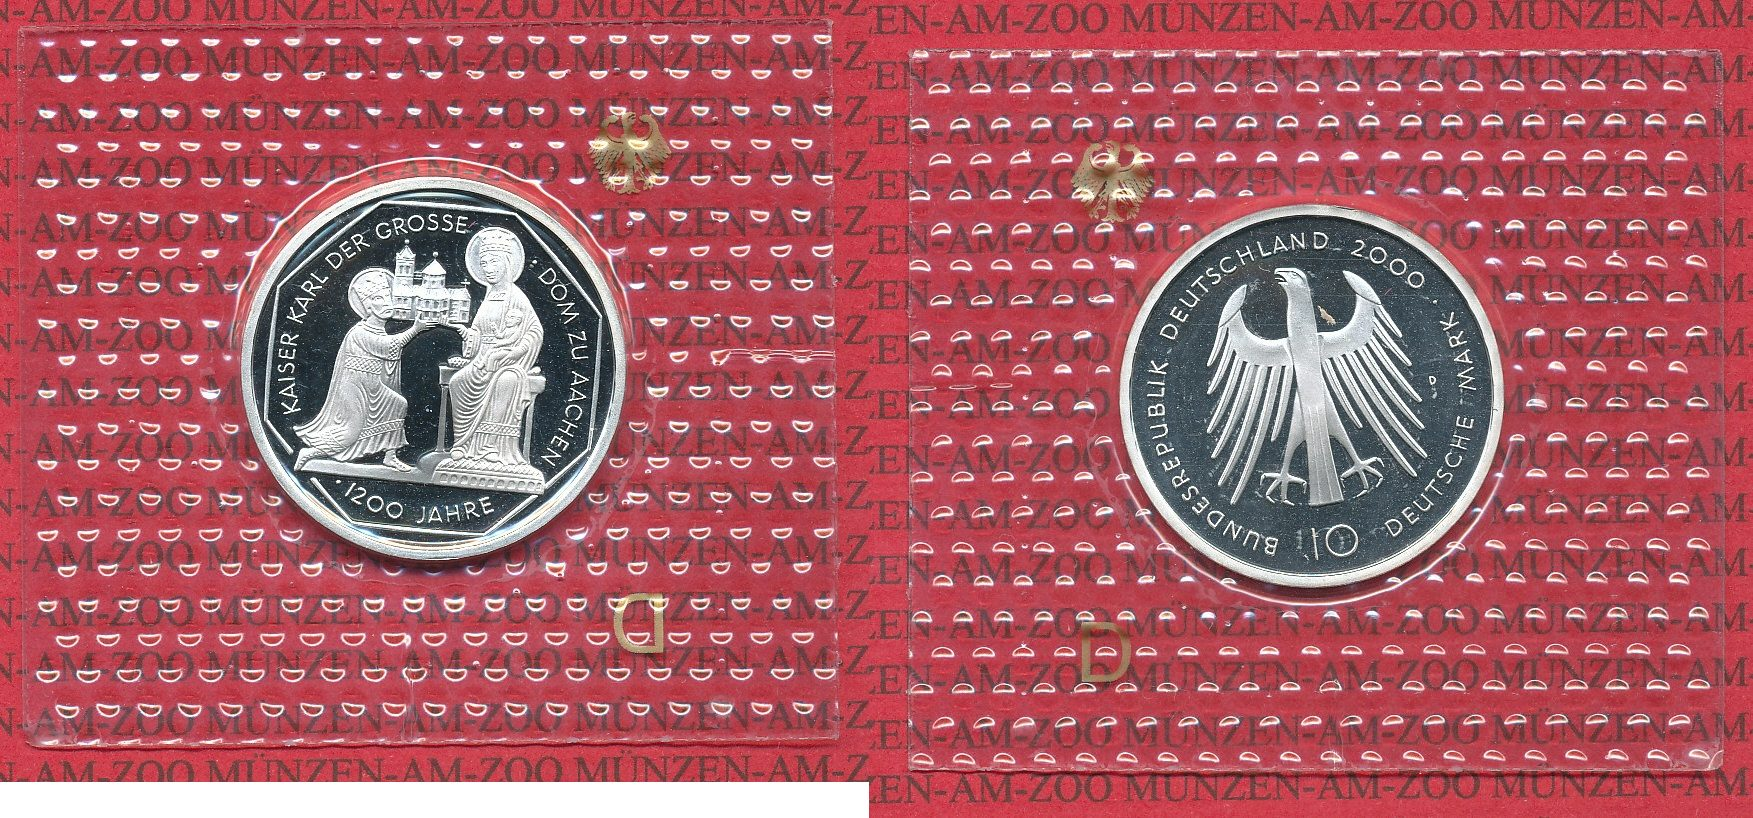 Kaiserreich Bayern 3 Mark 1912 D.Otto.Katalog Jäger.47. | eBay probleme retrait bet365 planeten gewinnen 365 wonodds